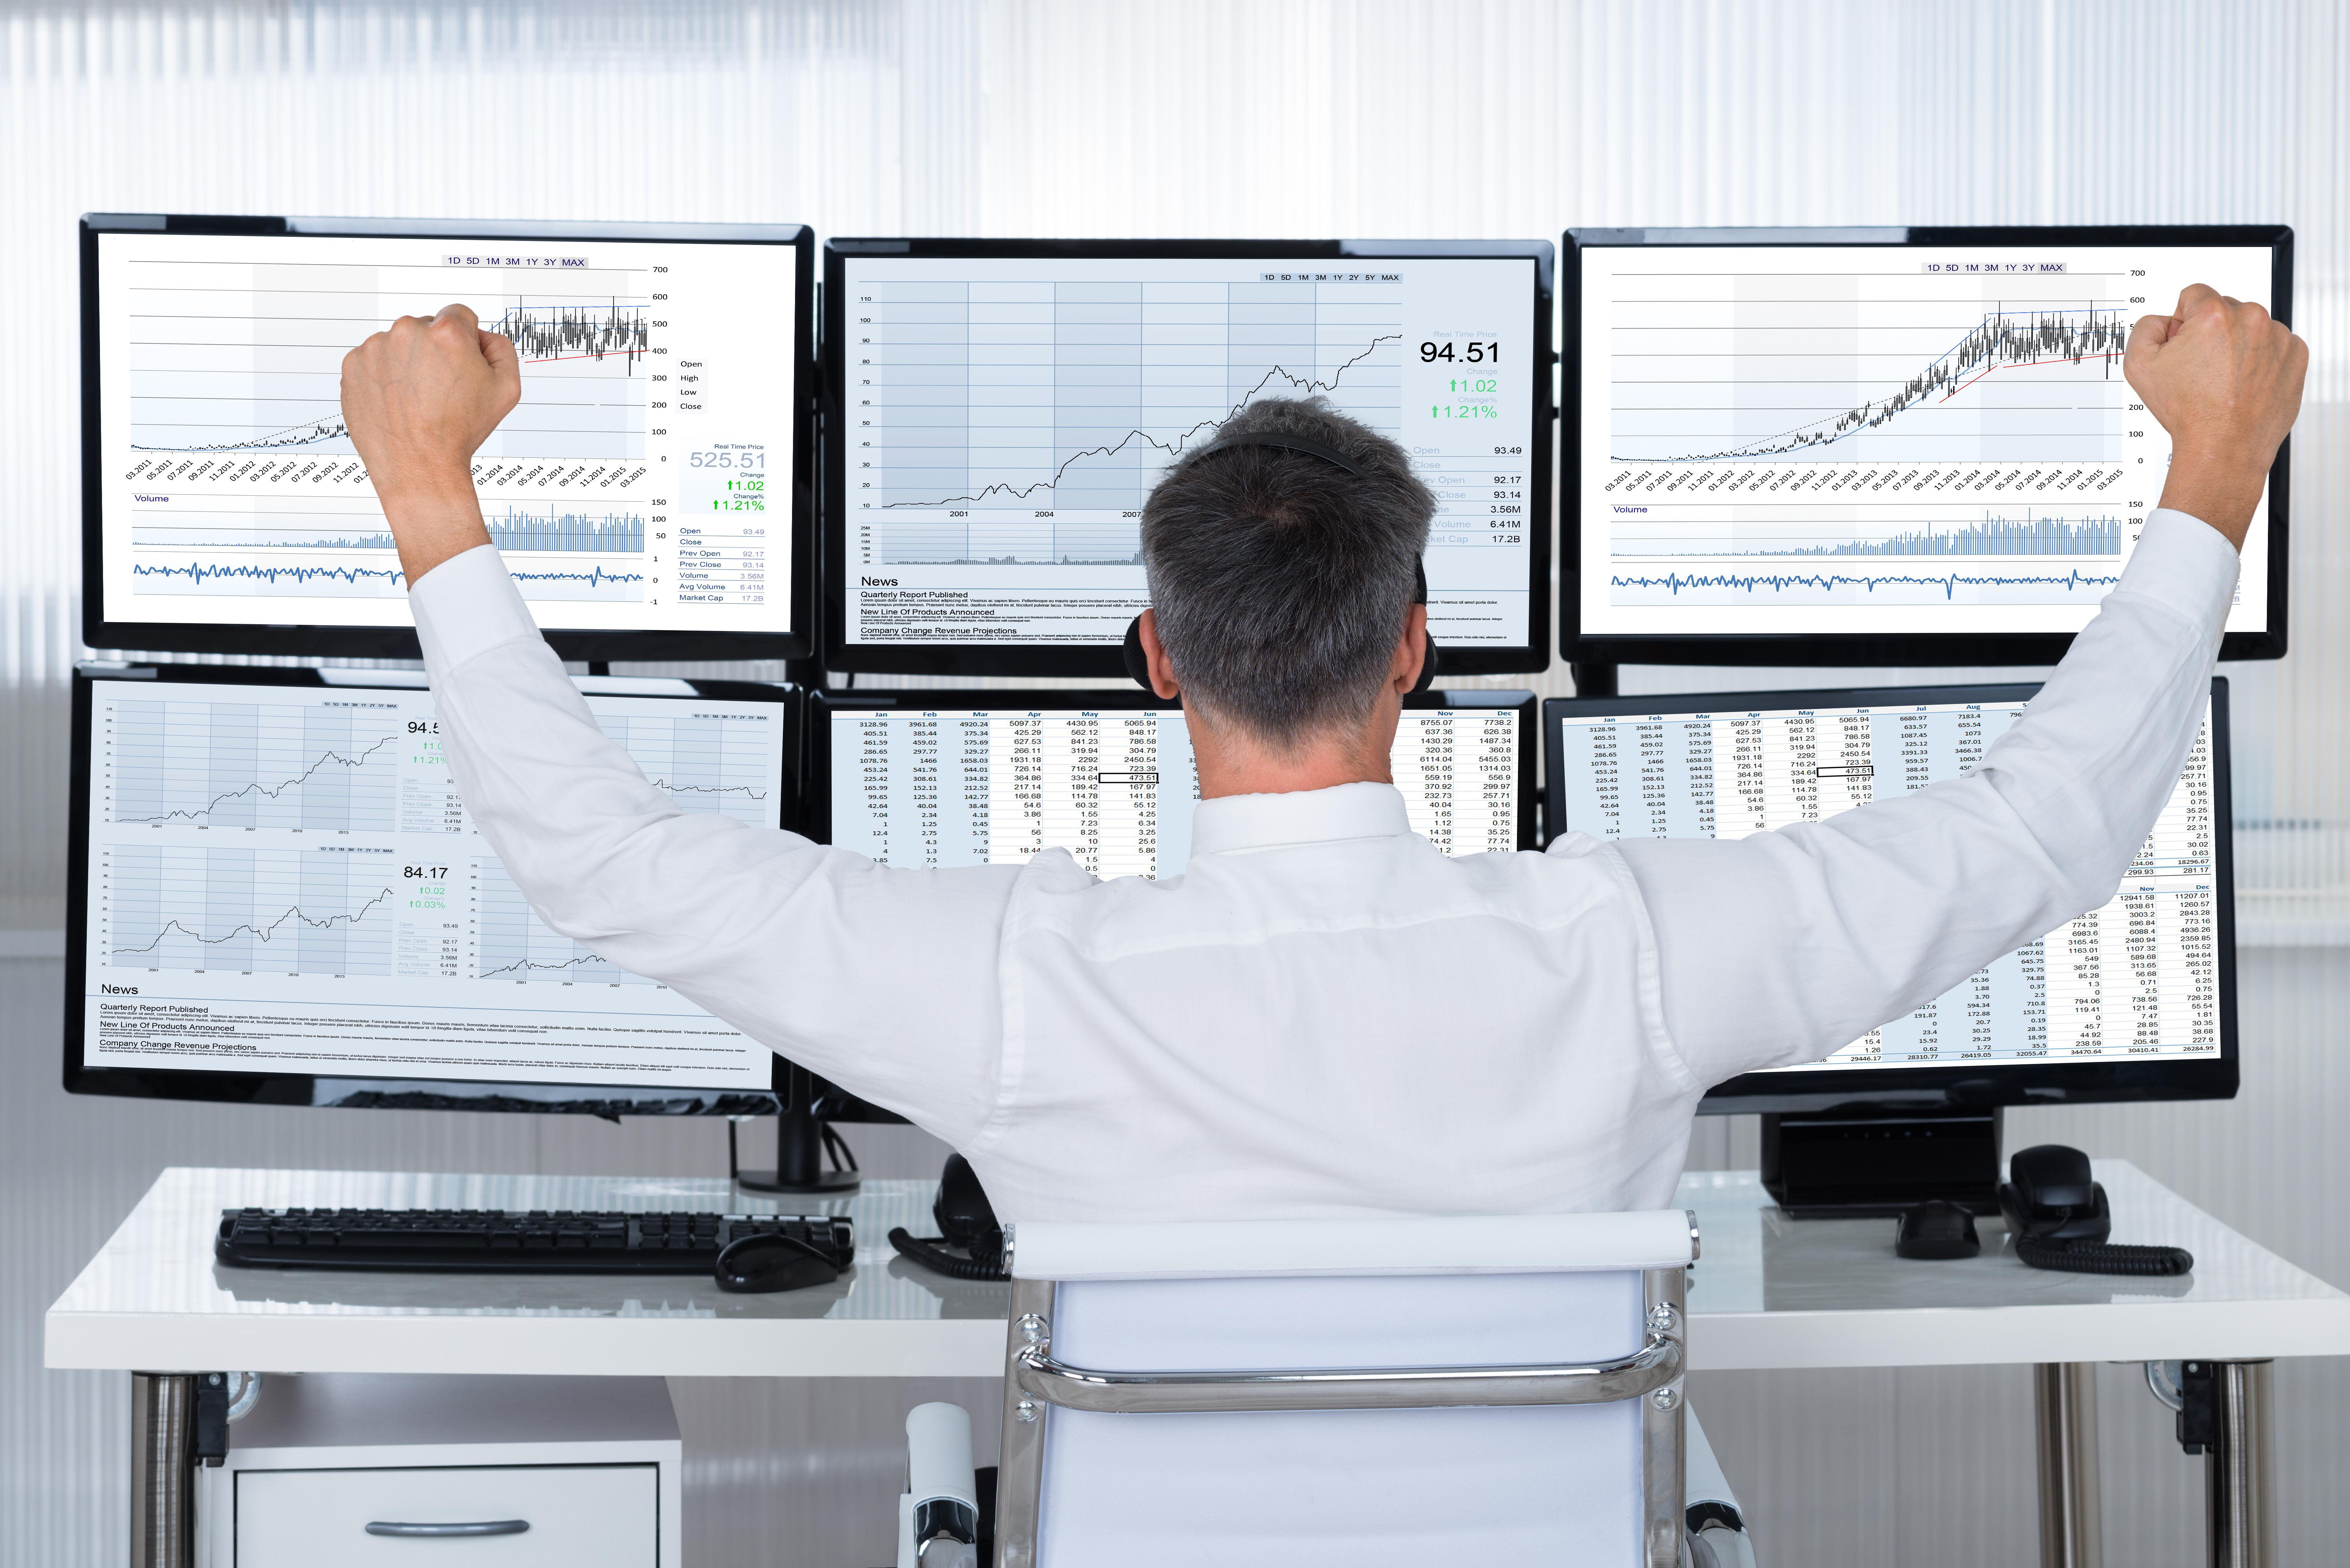 Como Investir Na Bolsa: As 10 Regras